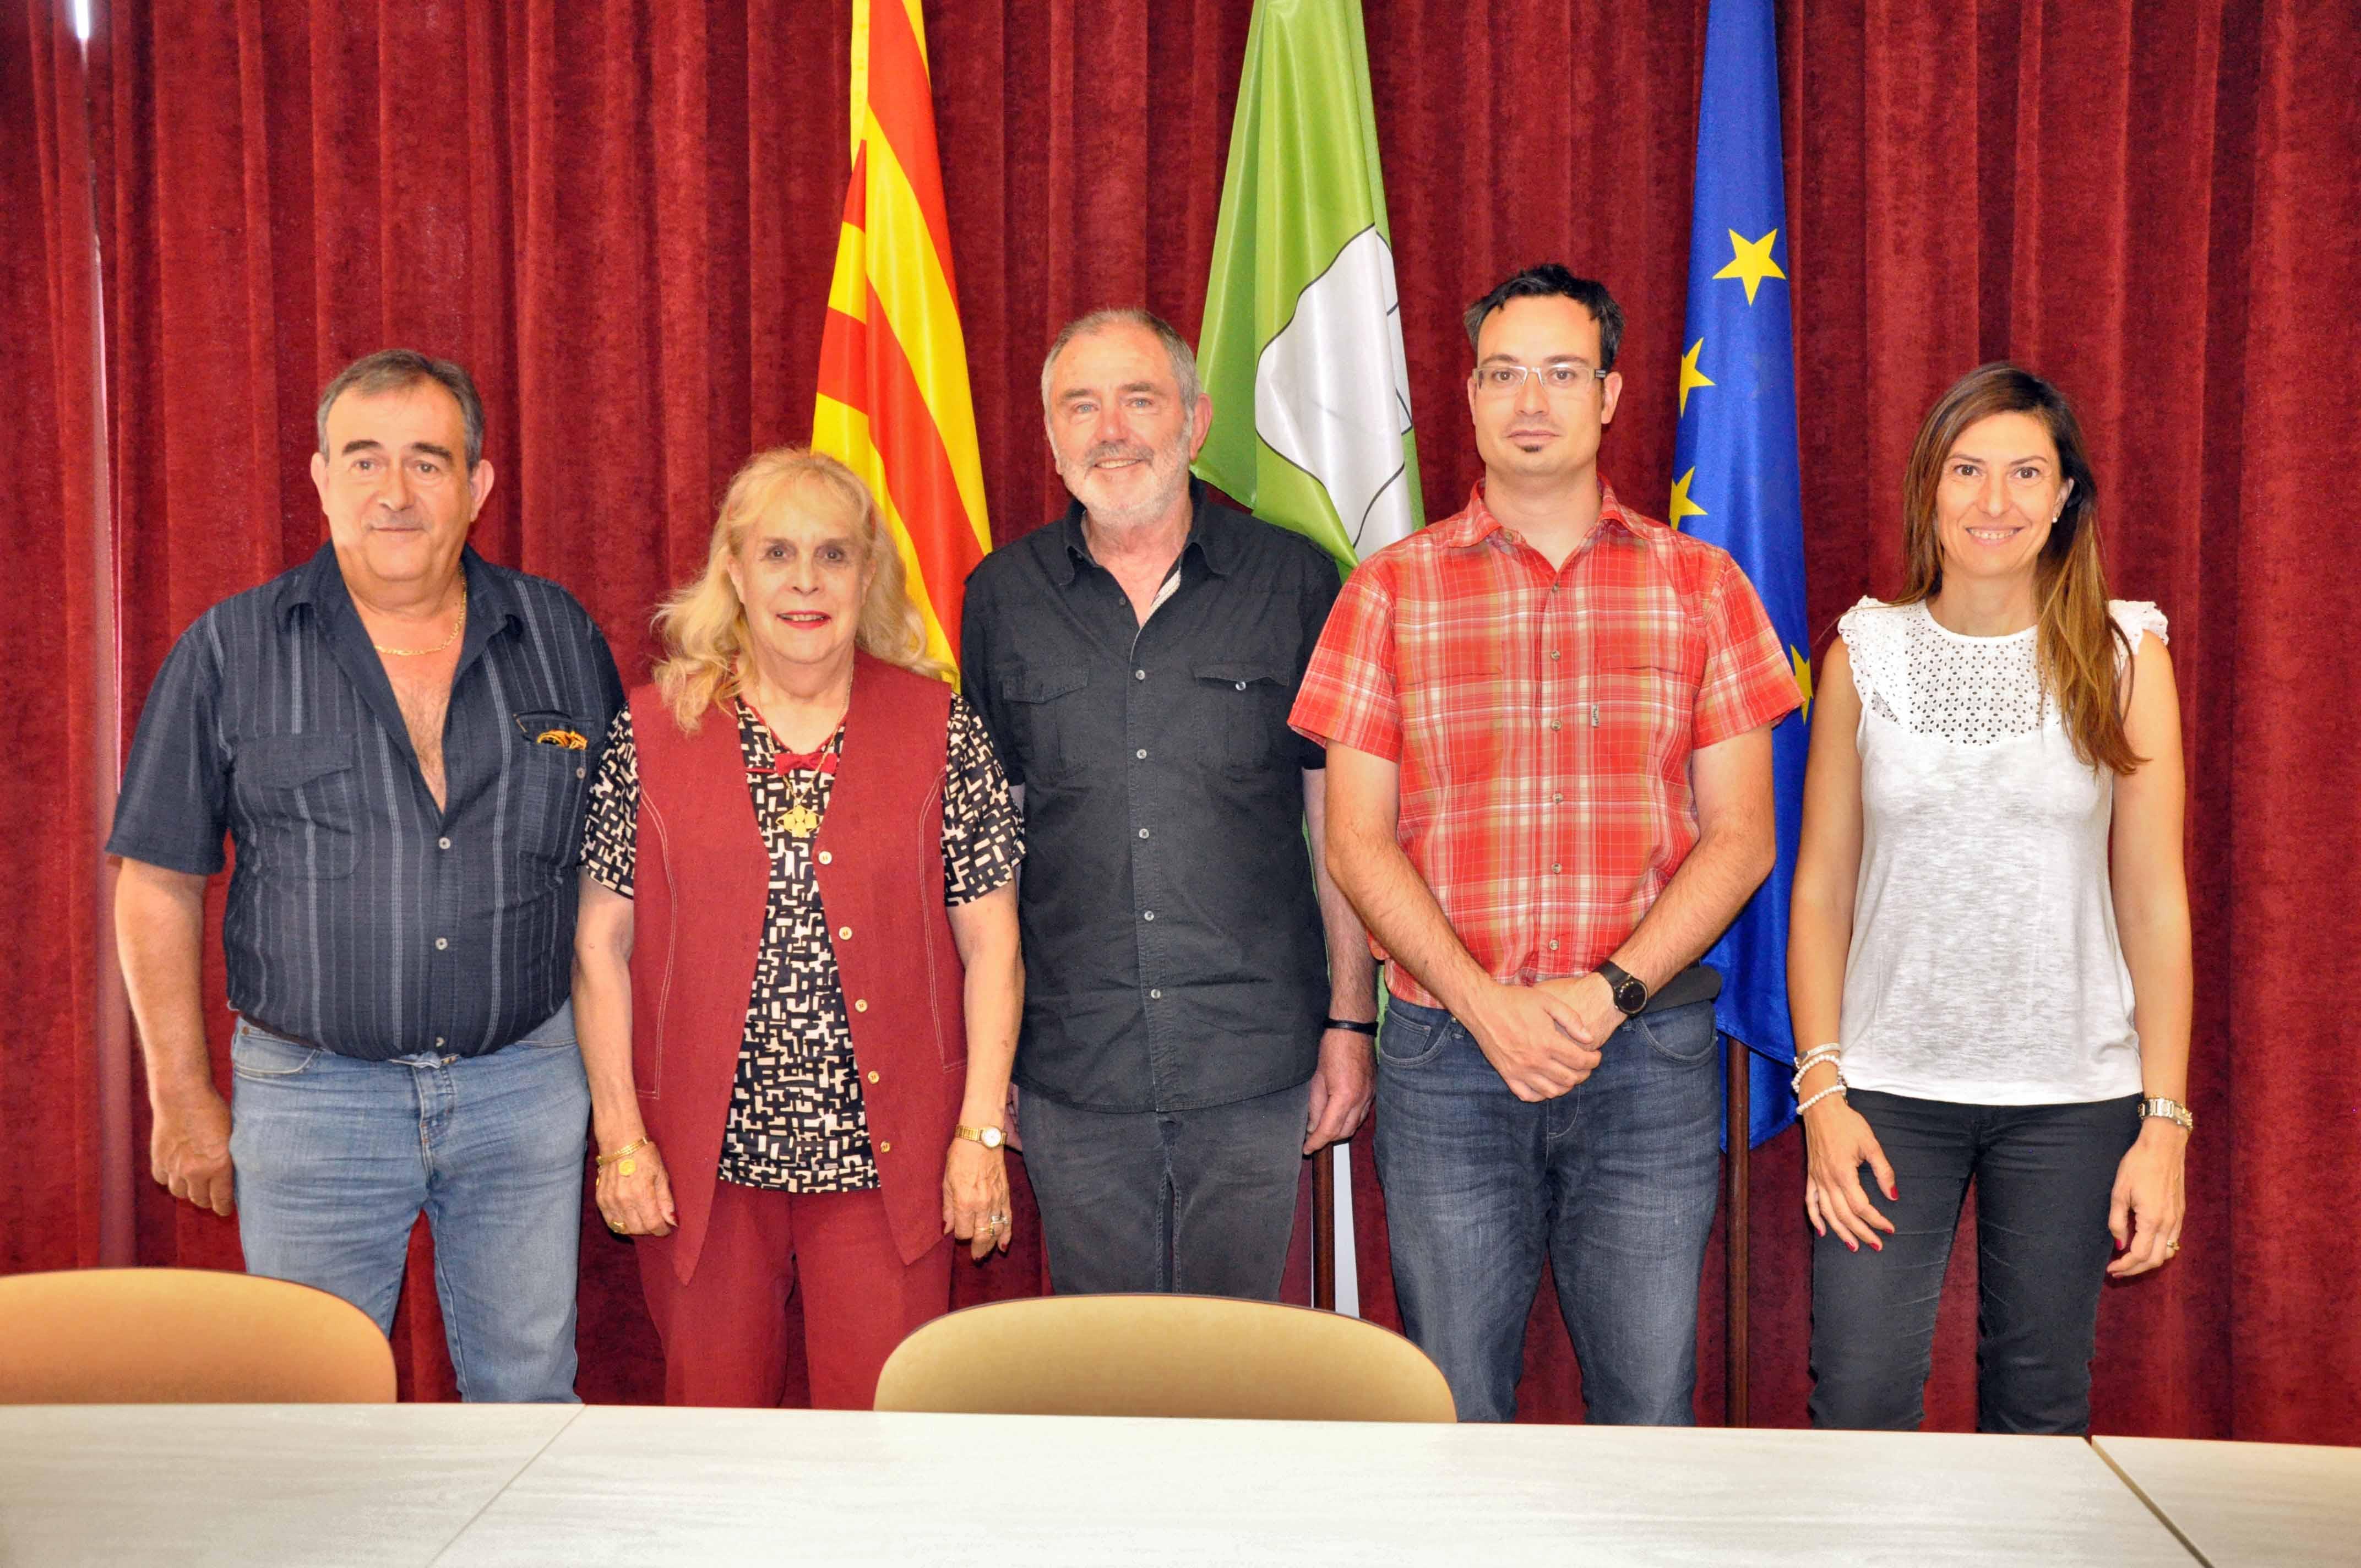 Comitè d'enllaç de l'agermanament Ripollès Conflent a Molló